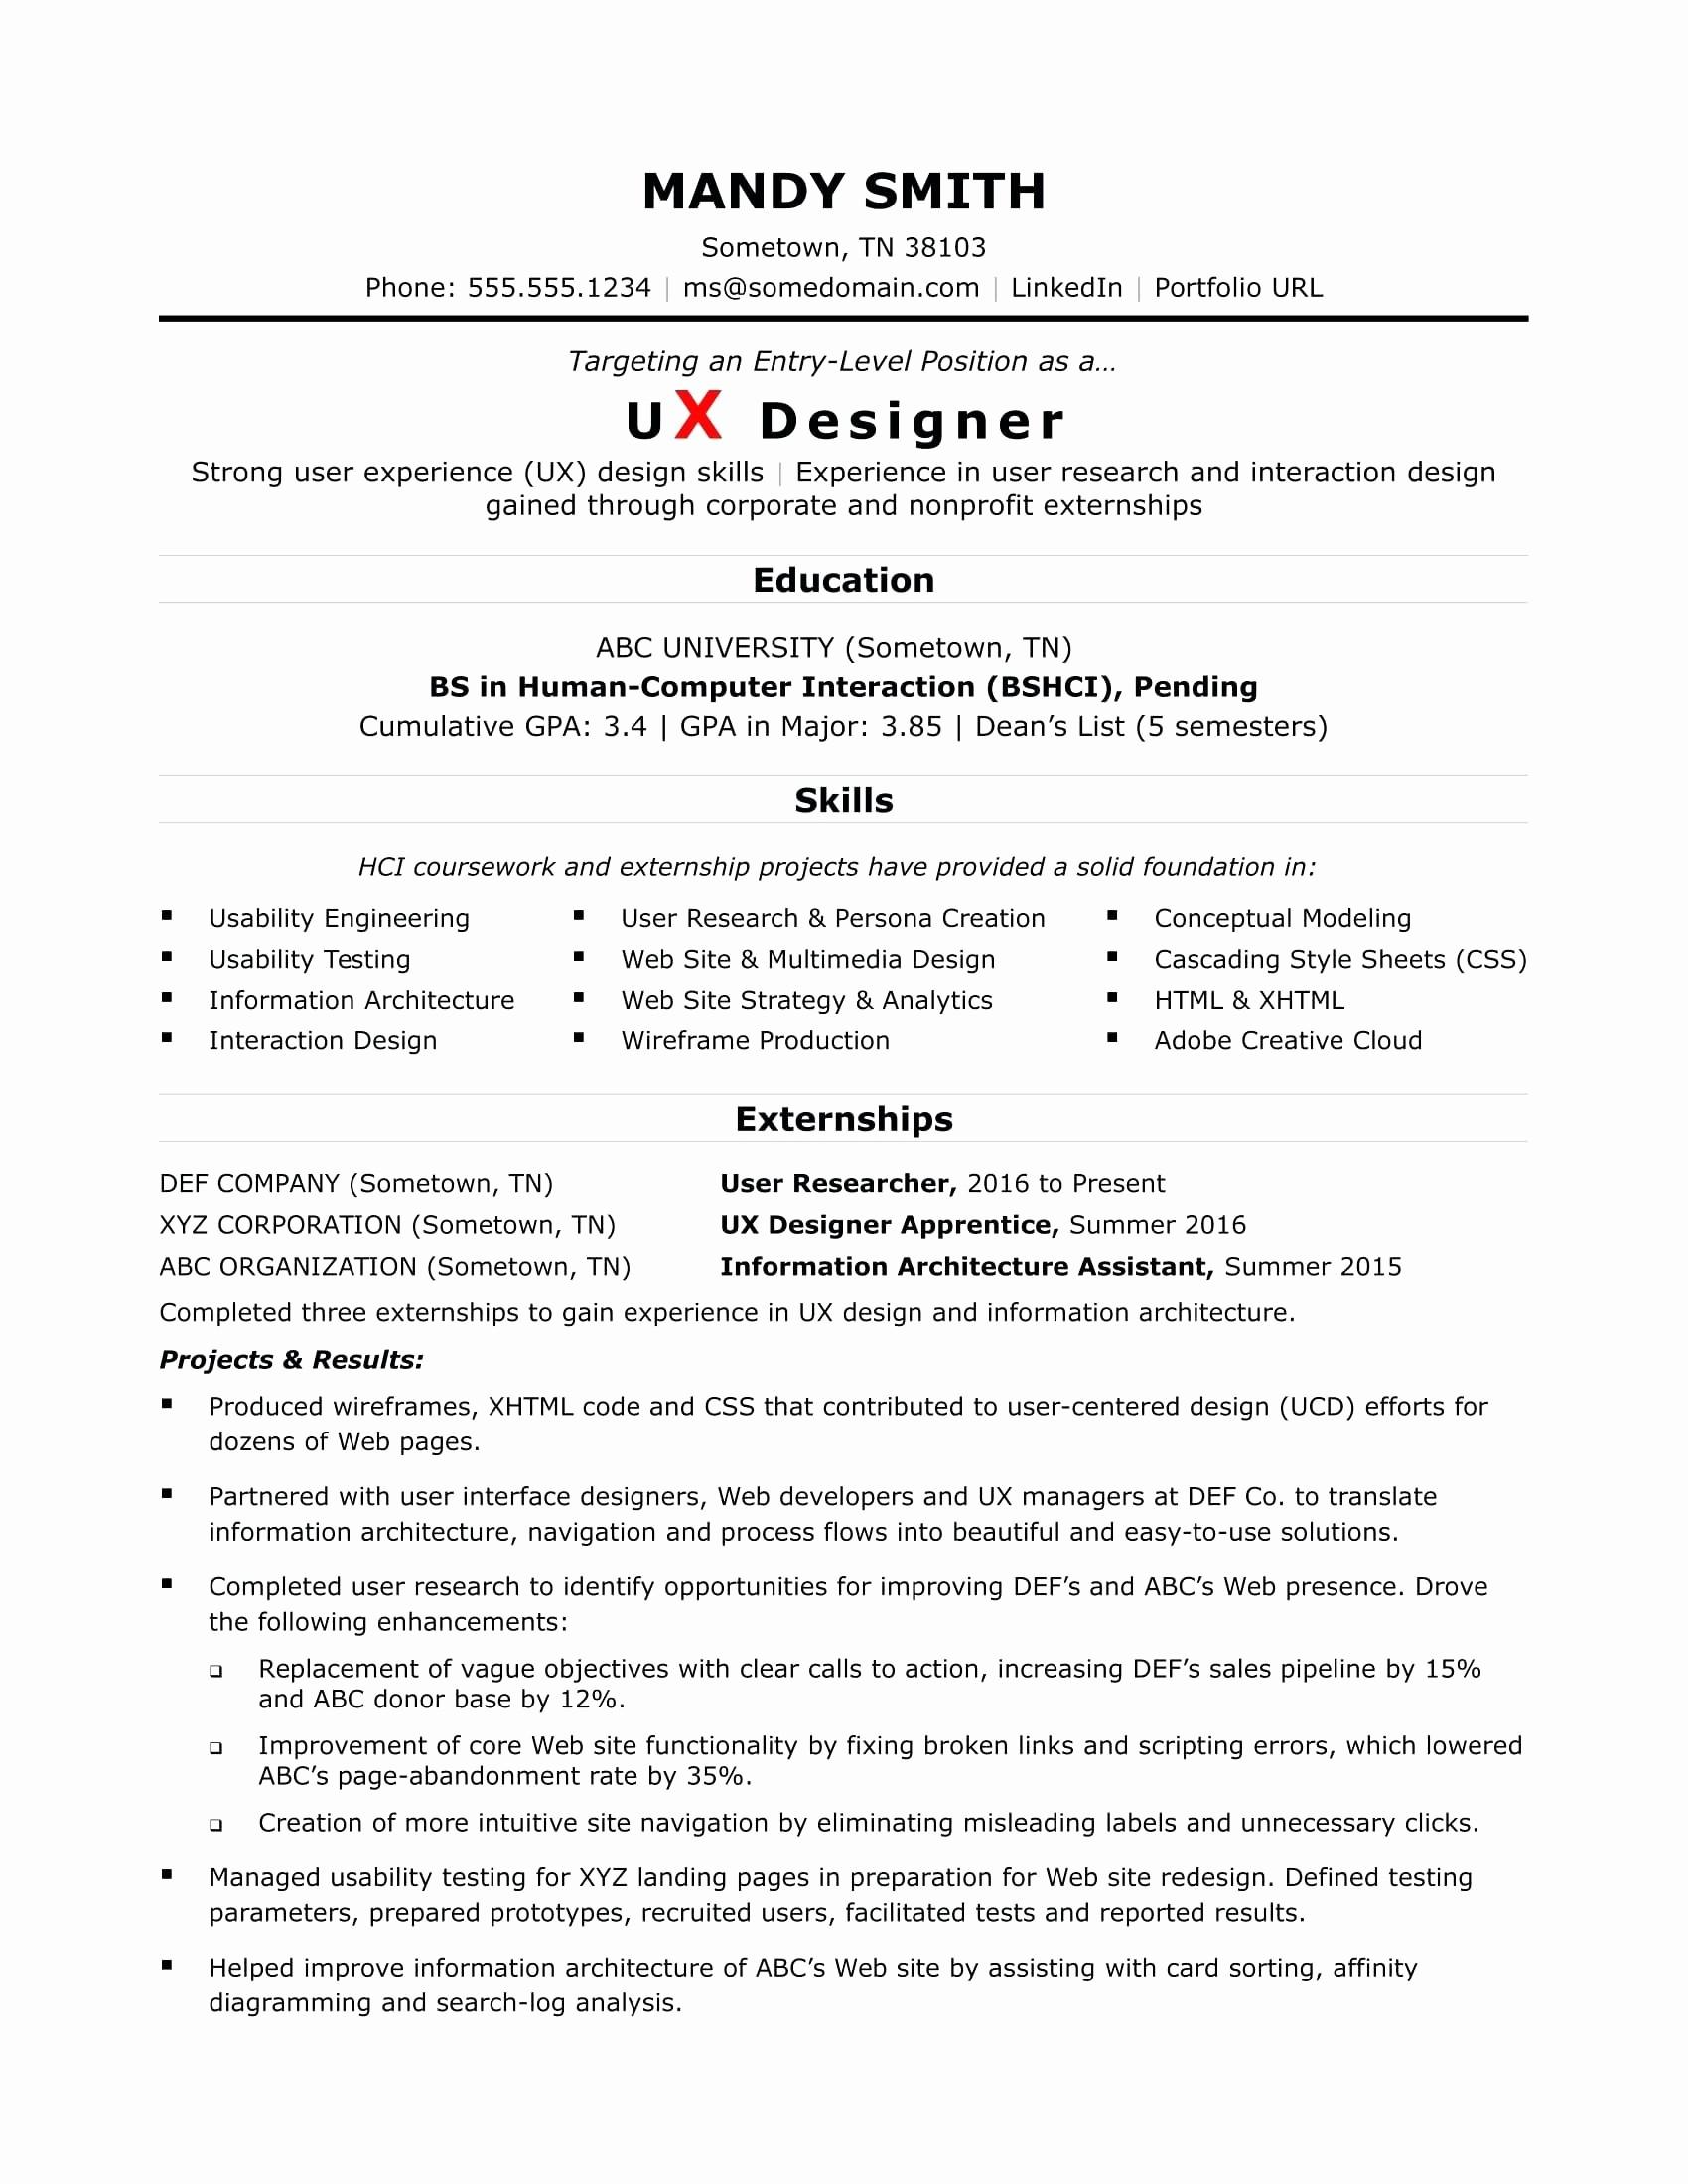 Resume Cover Letter Entry Level Fresh Resume Floral Designer Resume